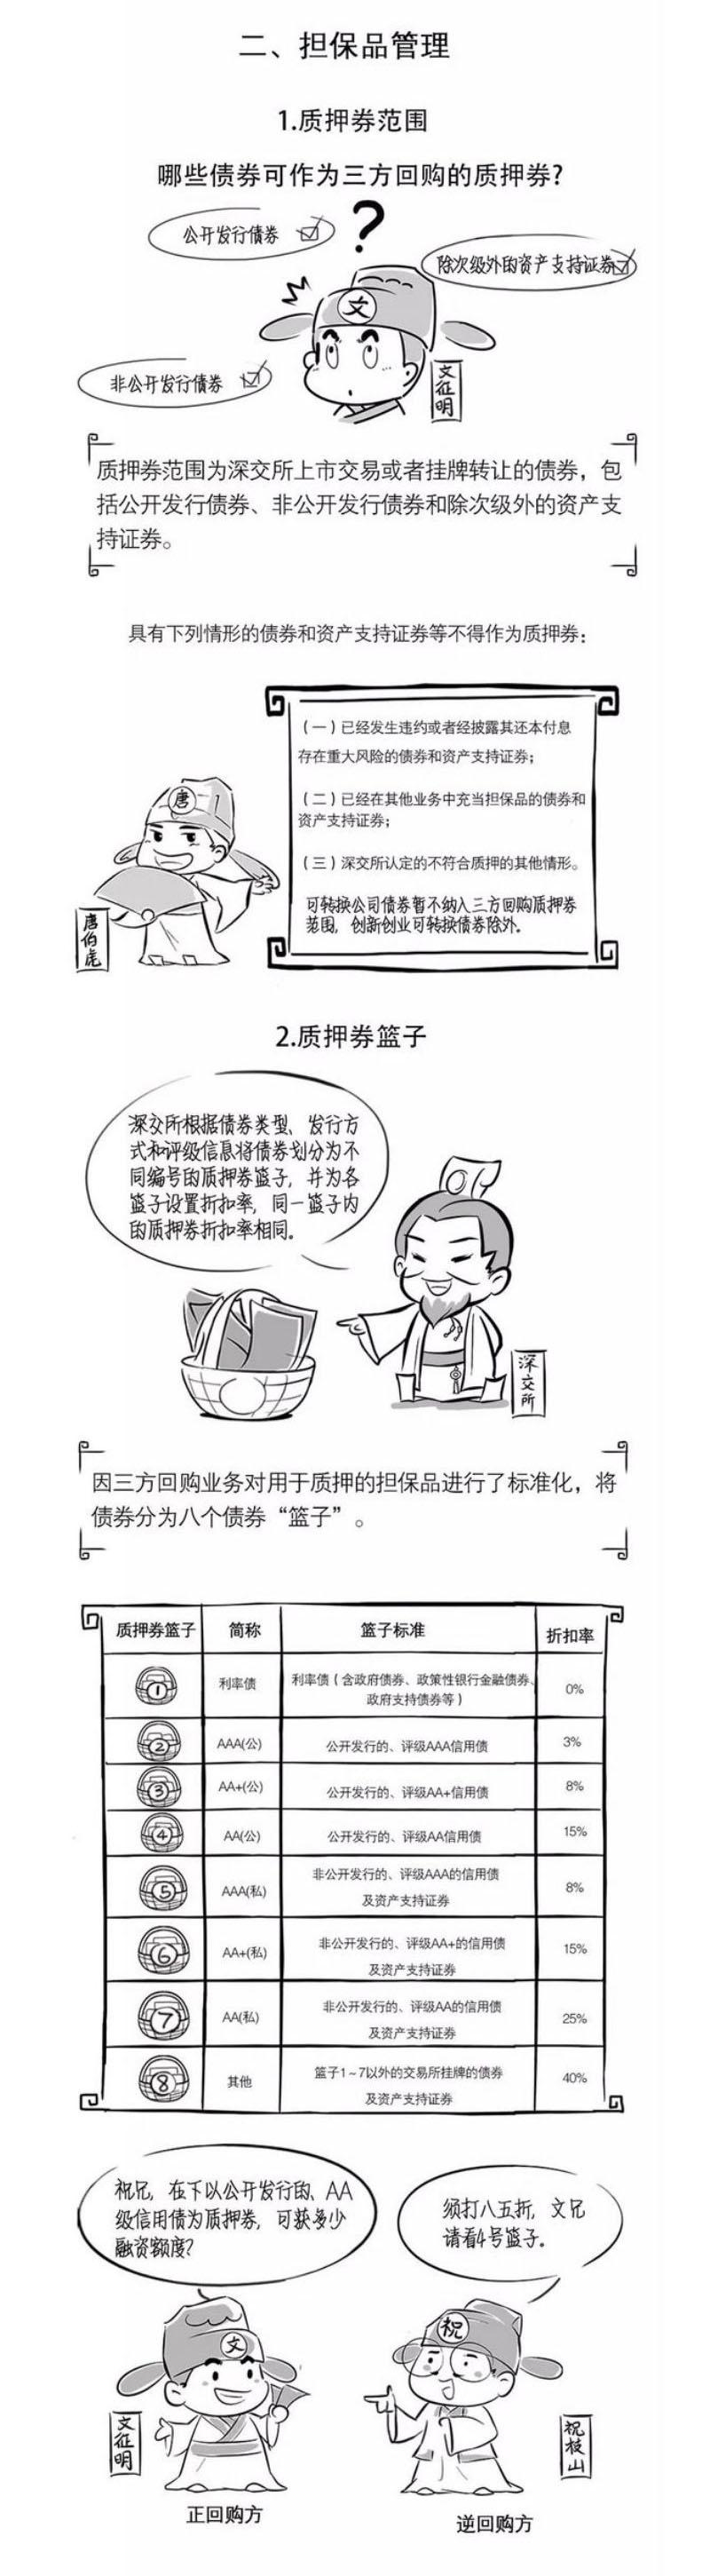 """""""深""""知新规系列之三方回购(下篇)2.jpg"""